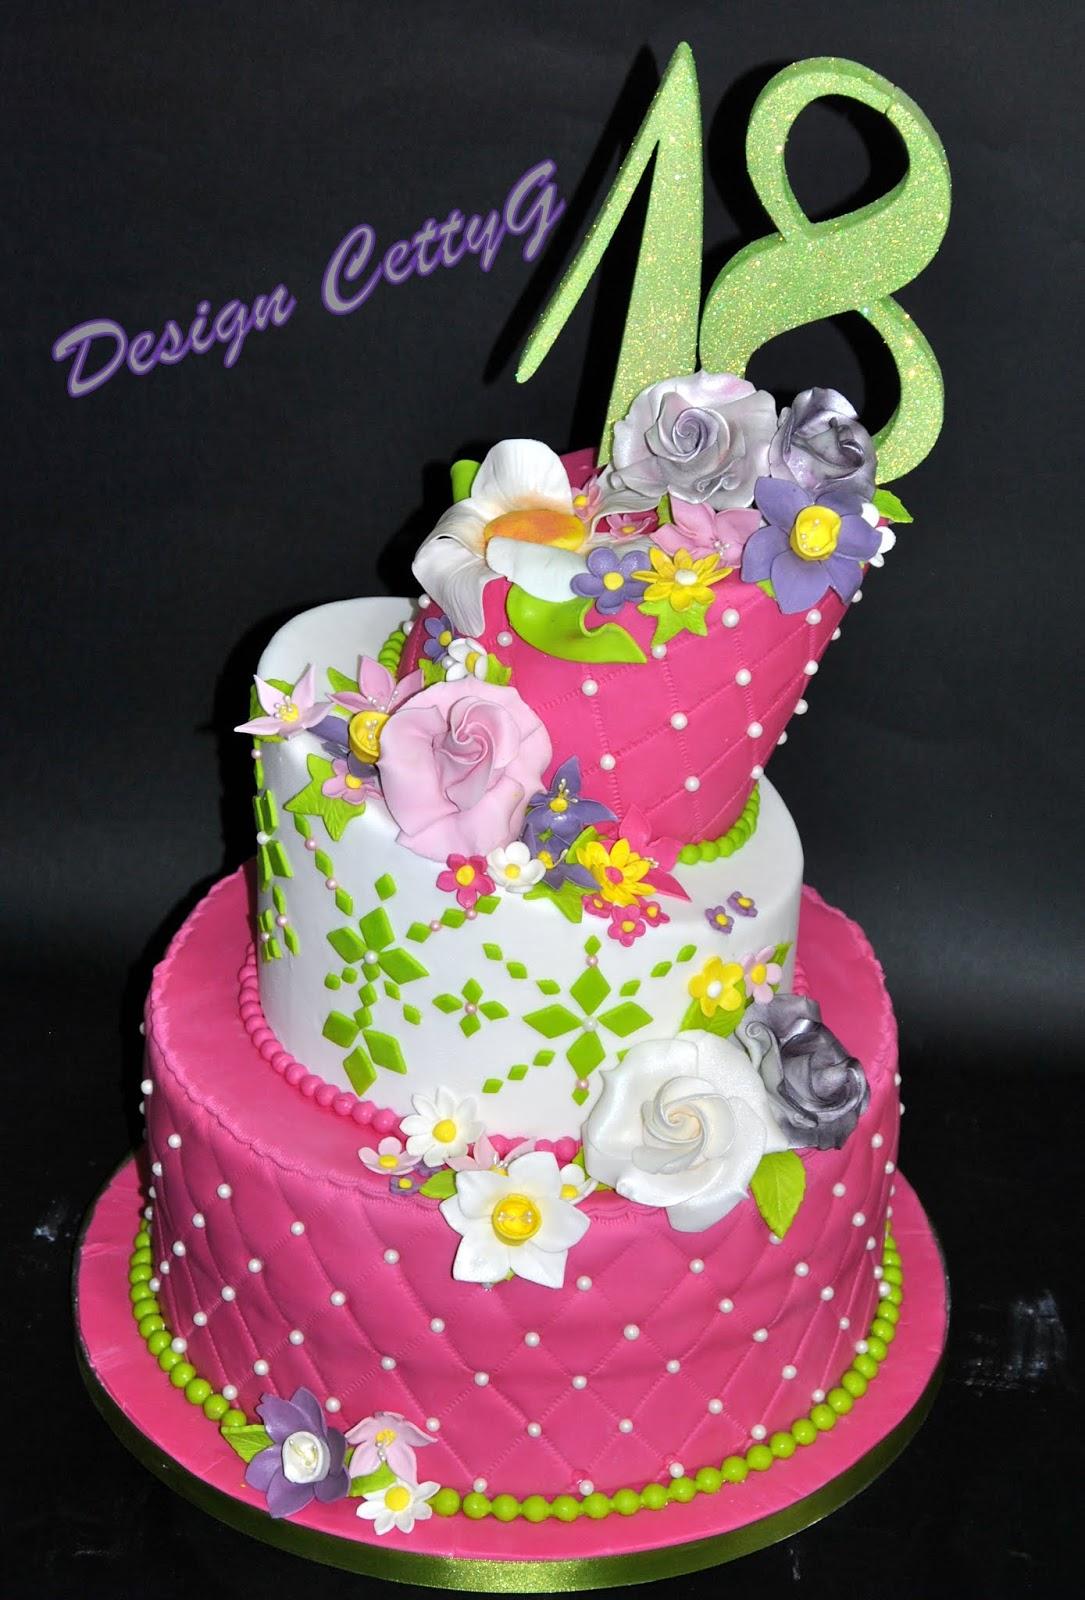 spesso Le torte decorate di Cetty G: 18°Compleanno in fiore. DP76